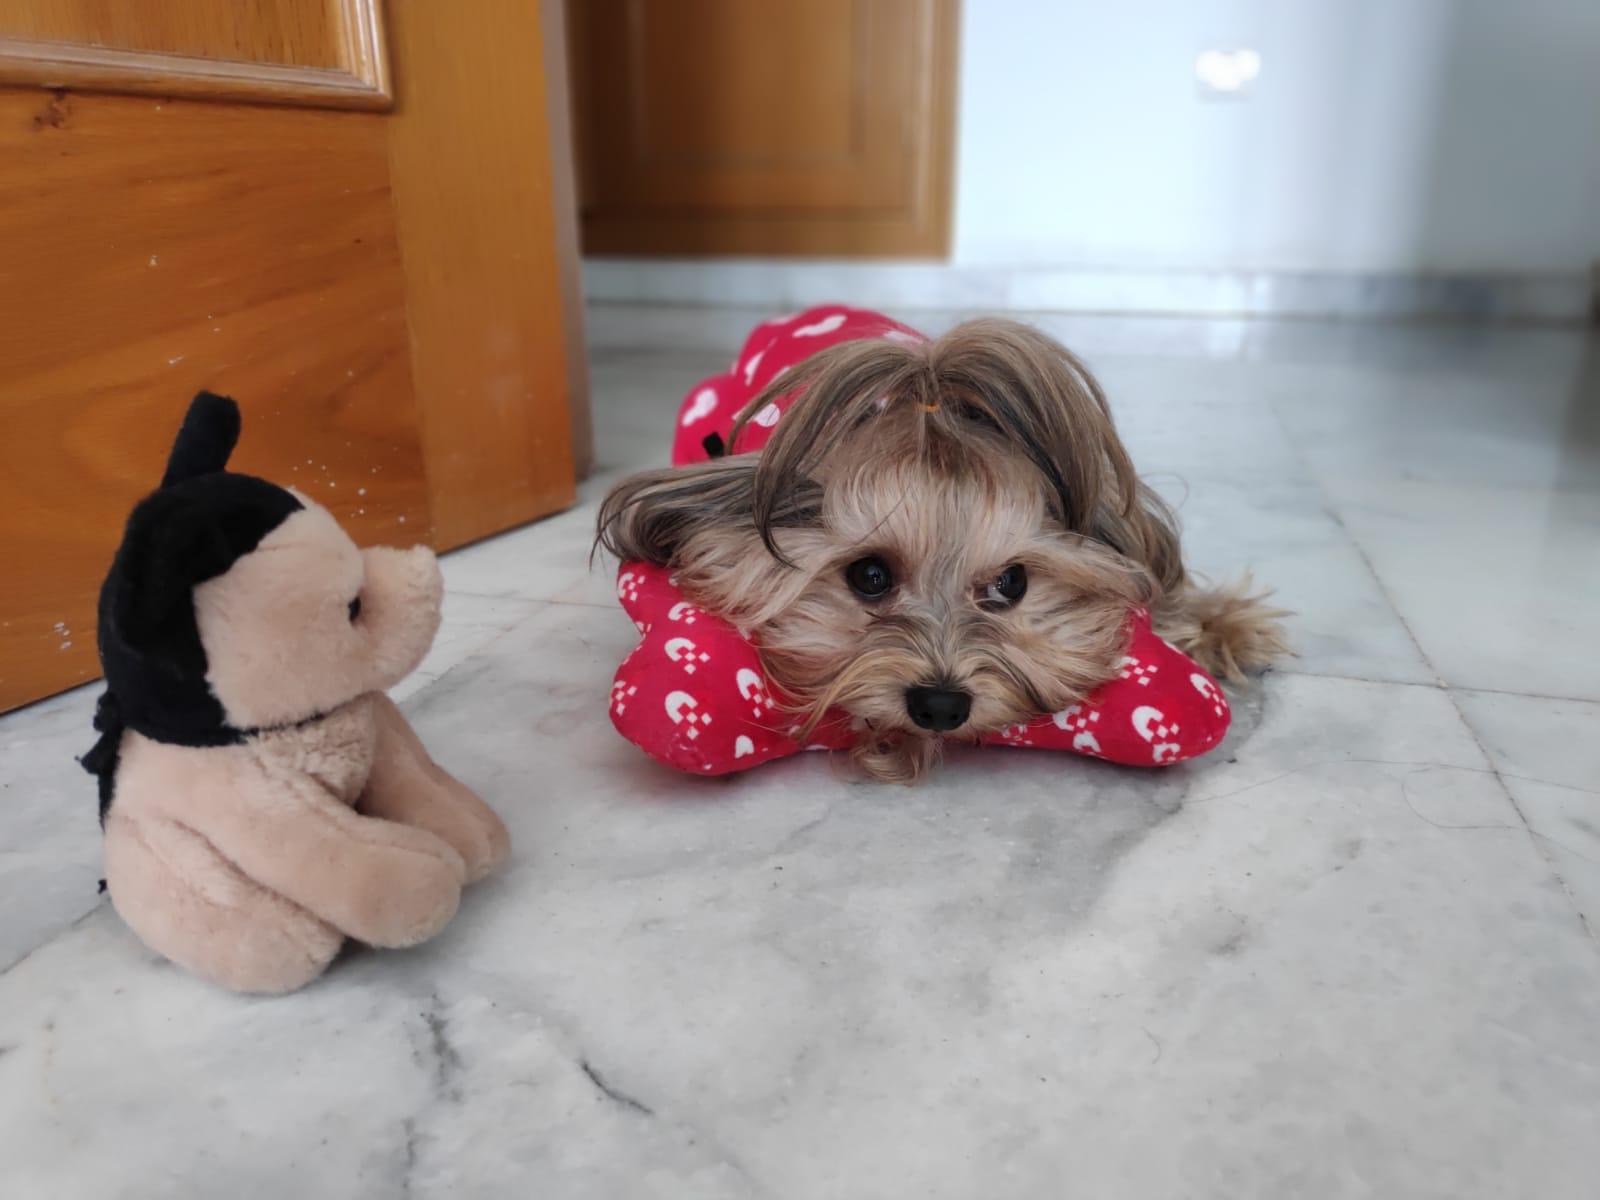 Small cute puppy